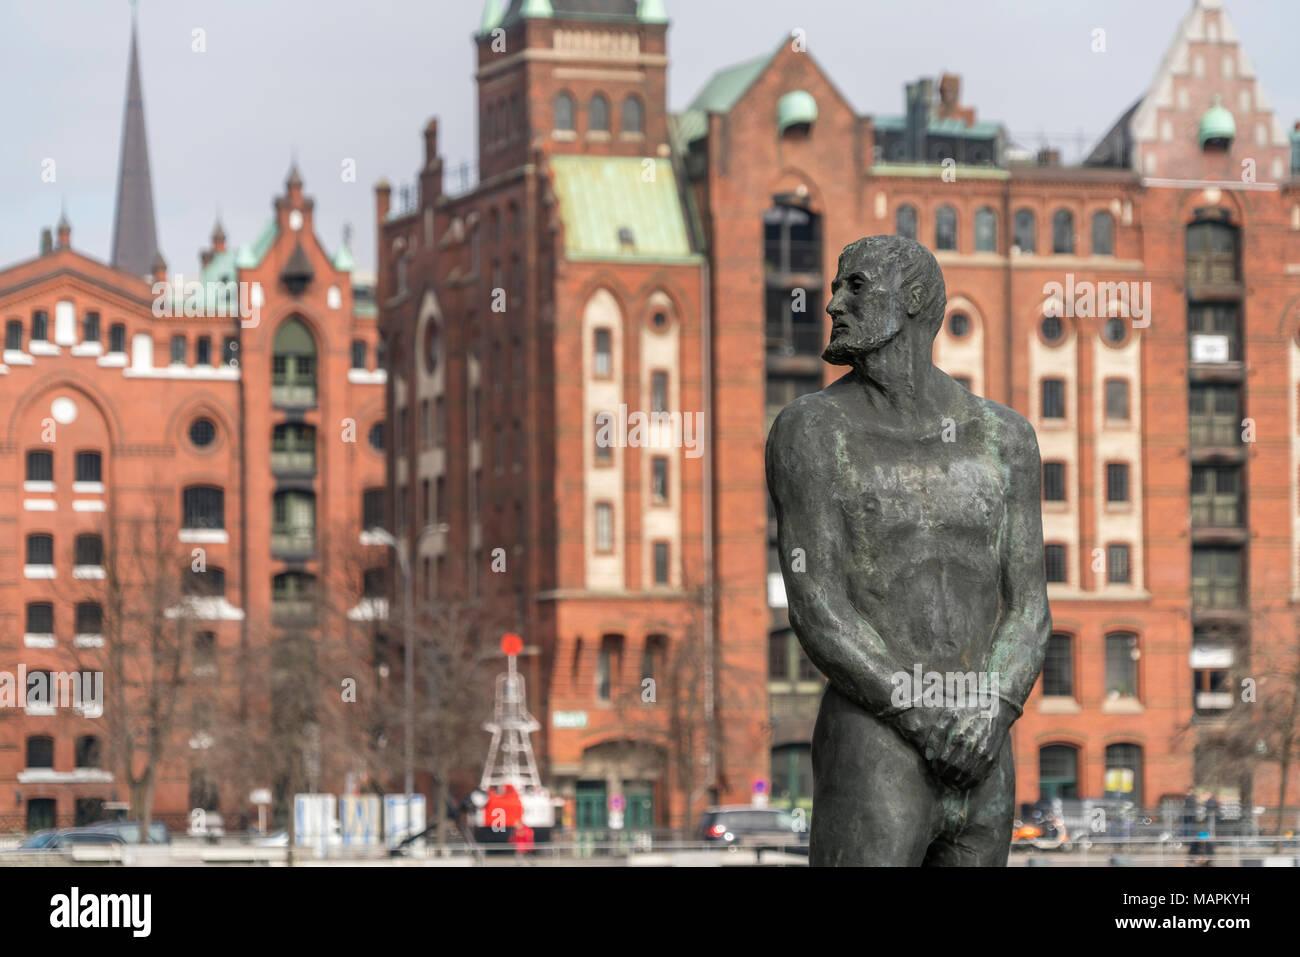 Denkmal des berühmten freibeuters Klaus Störtebeker, HafenCity, Freie Hansestadt Hamburg, Deutschland | Seeräuber Klaus Störtebeker Statue, HafenCity, Stockbild